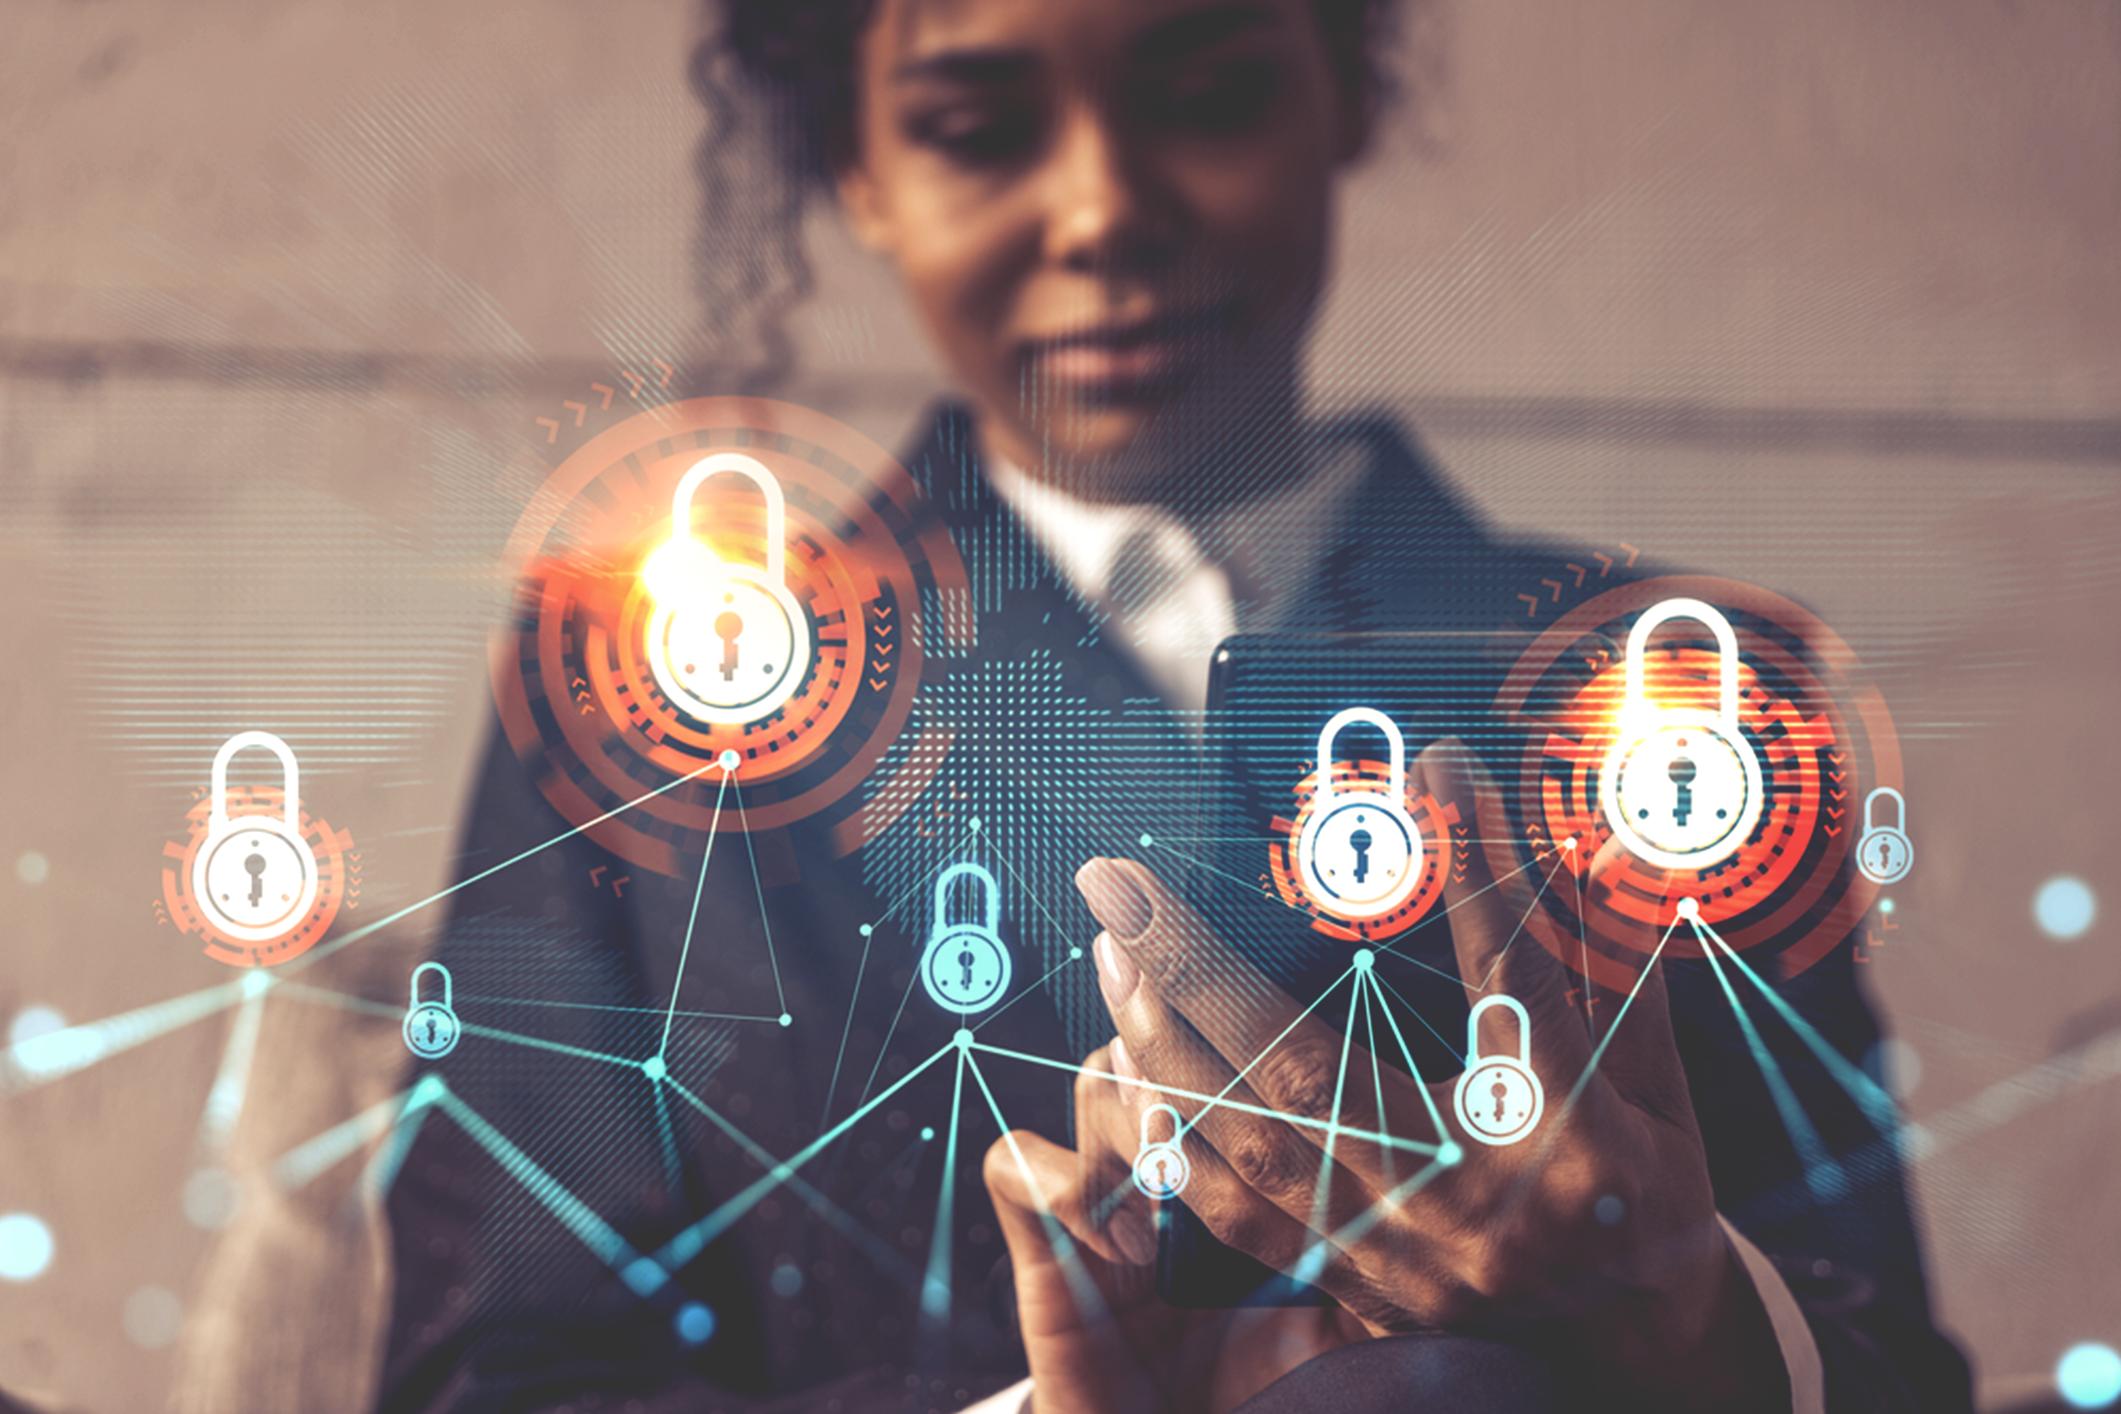 Les terminaux mobiles professionnels sont de nouveaux points de vulnérabilité cyber dans les systèmes d'information des entreprises